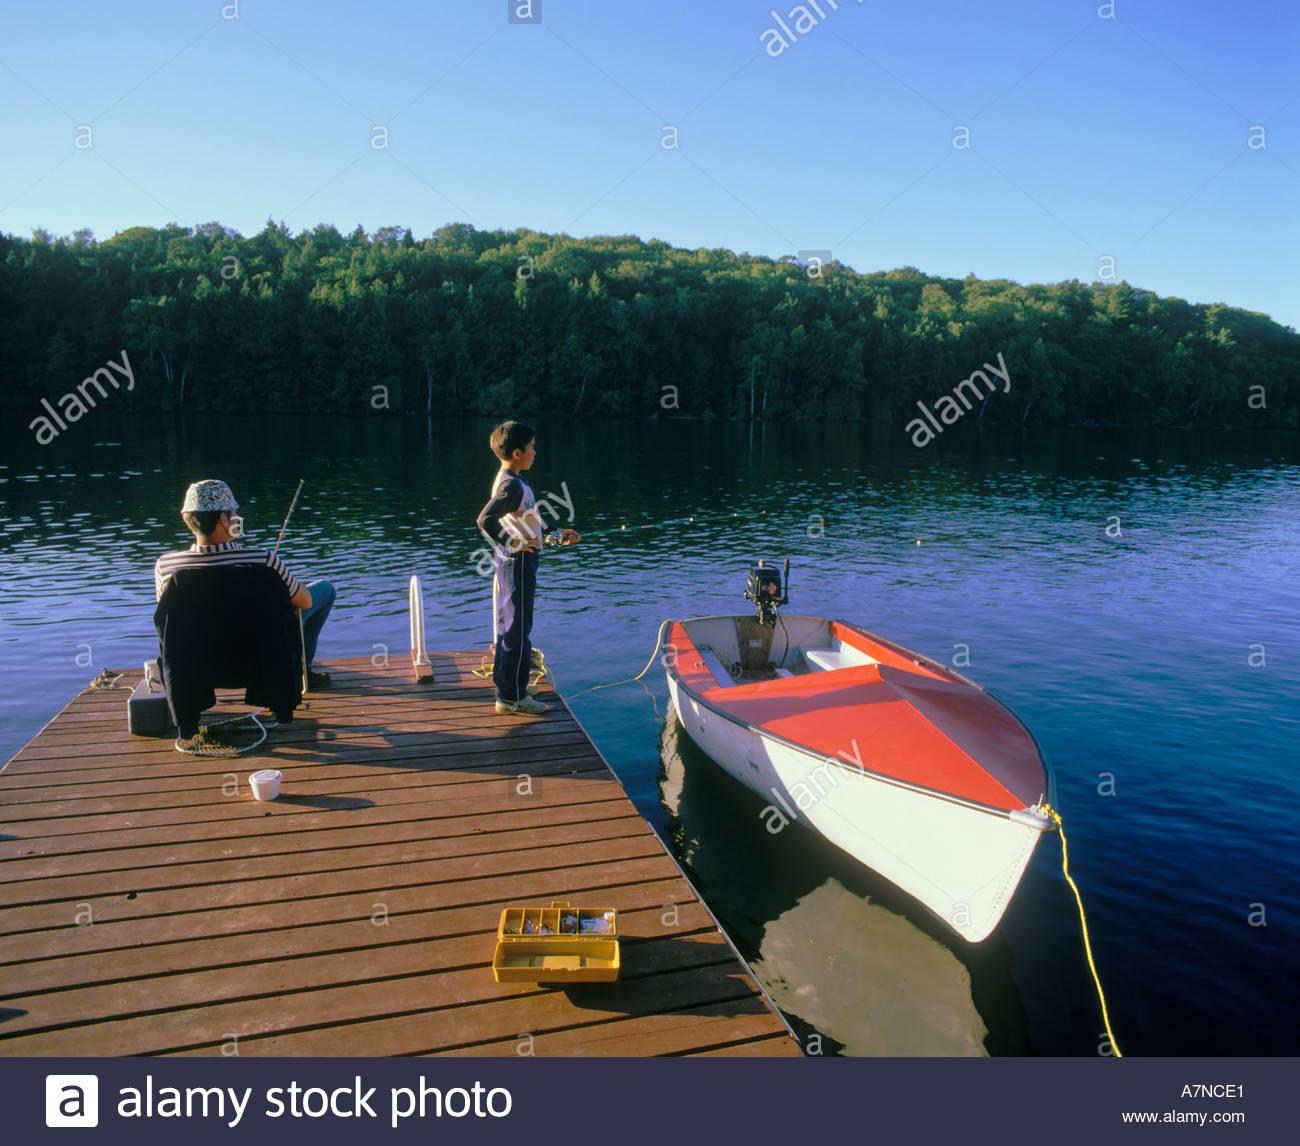 Fishing from cottage dock at Long Lake Haliburton Ontario